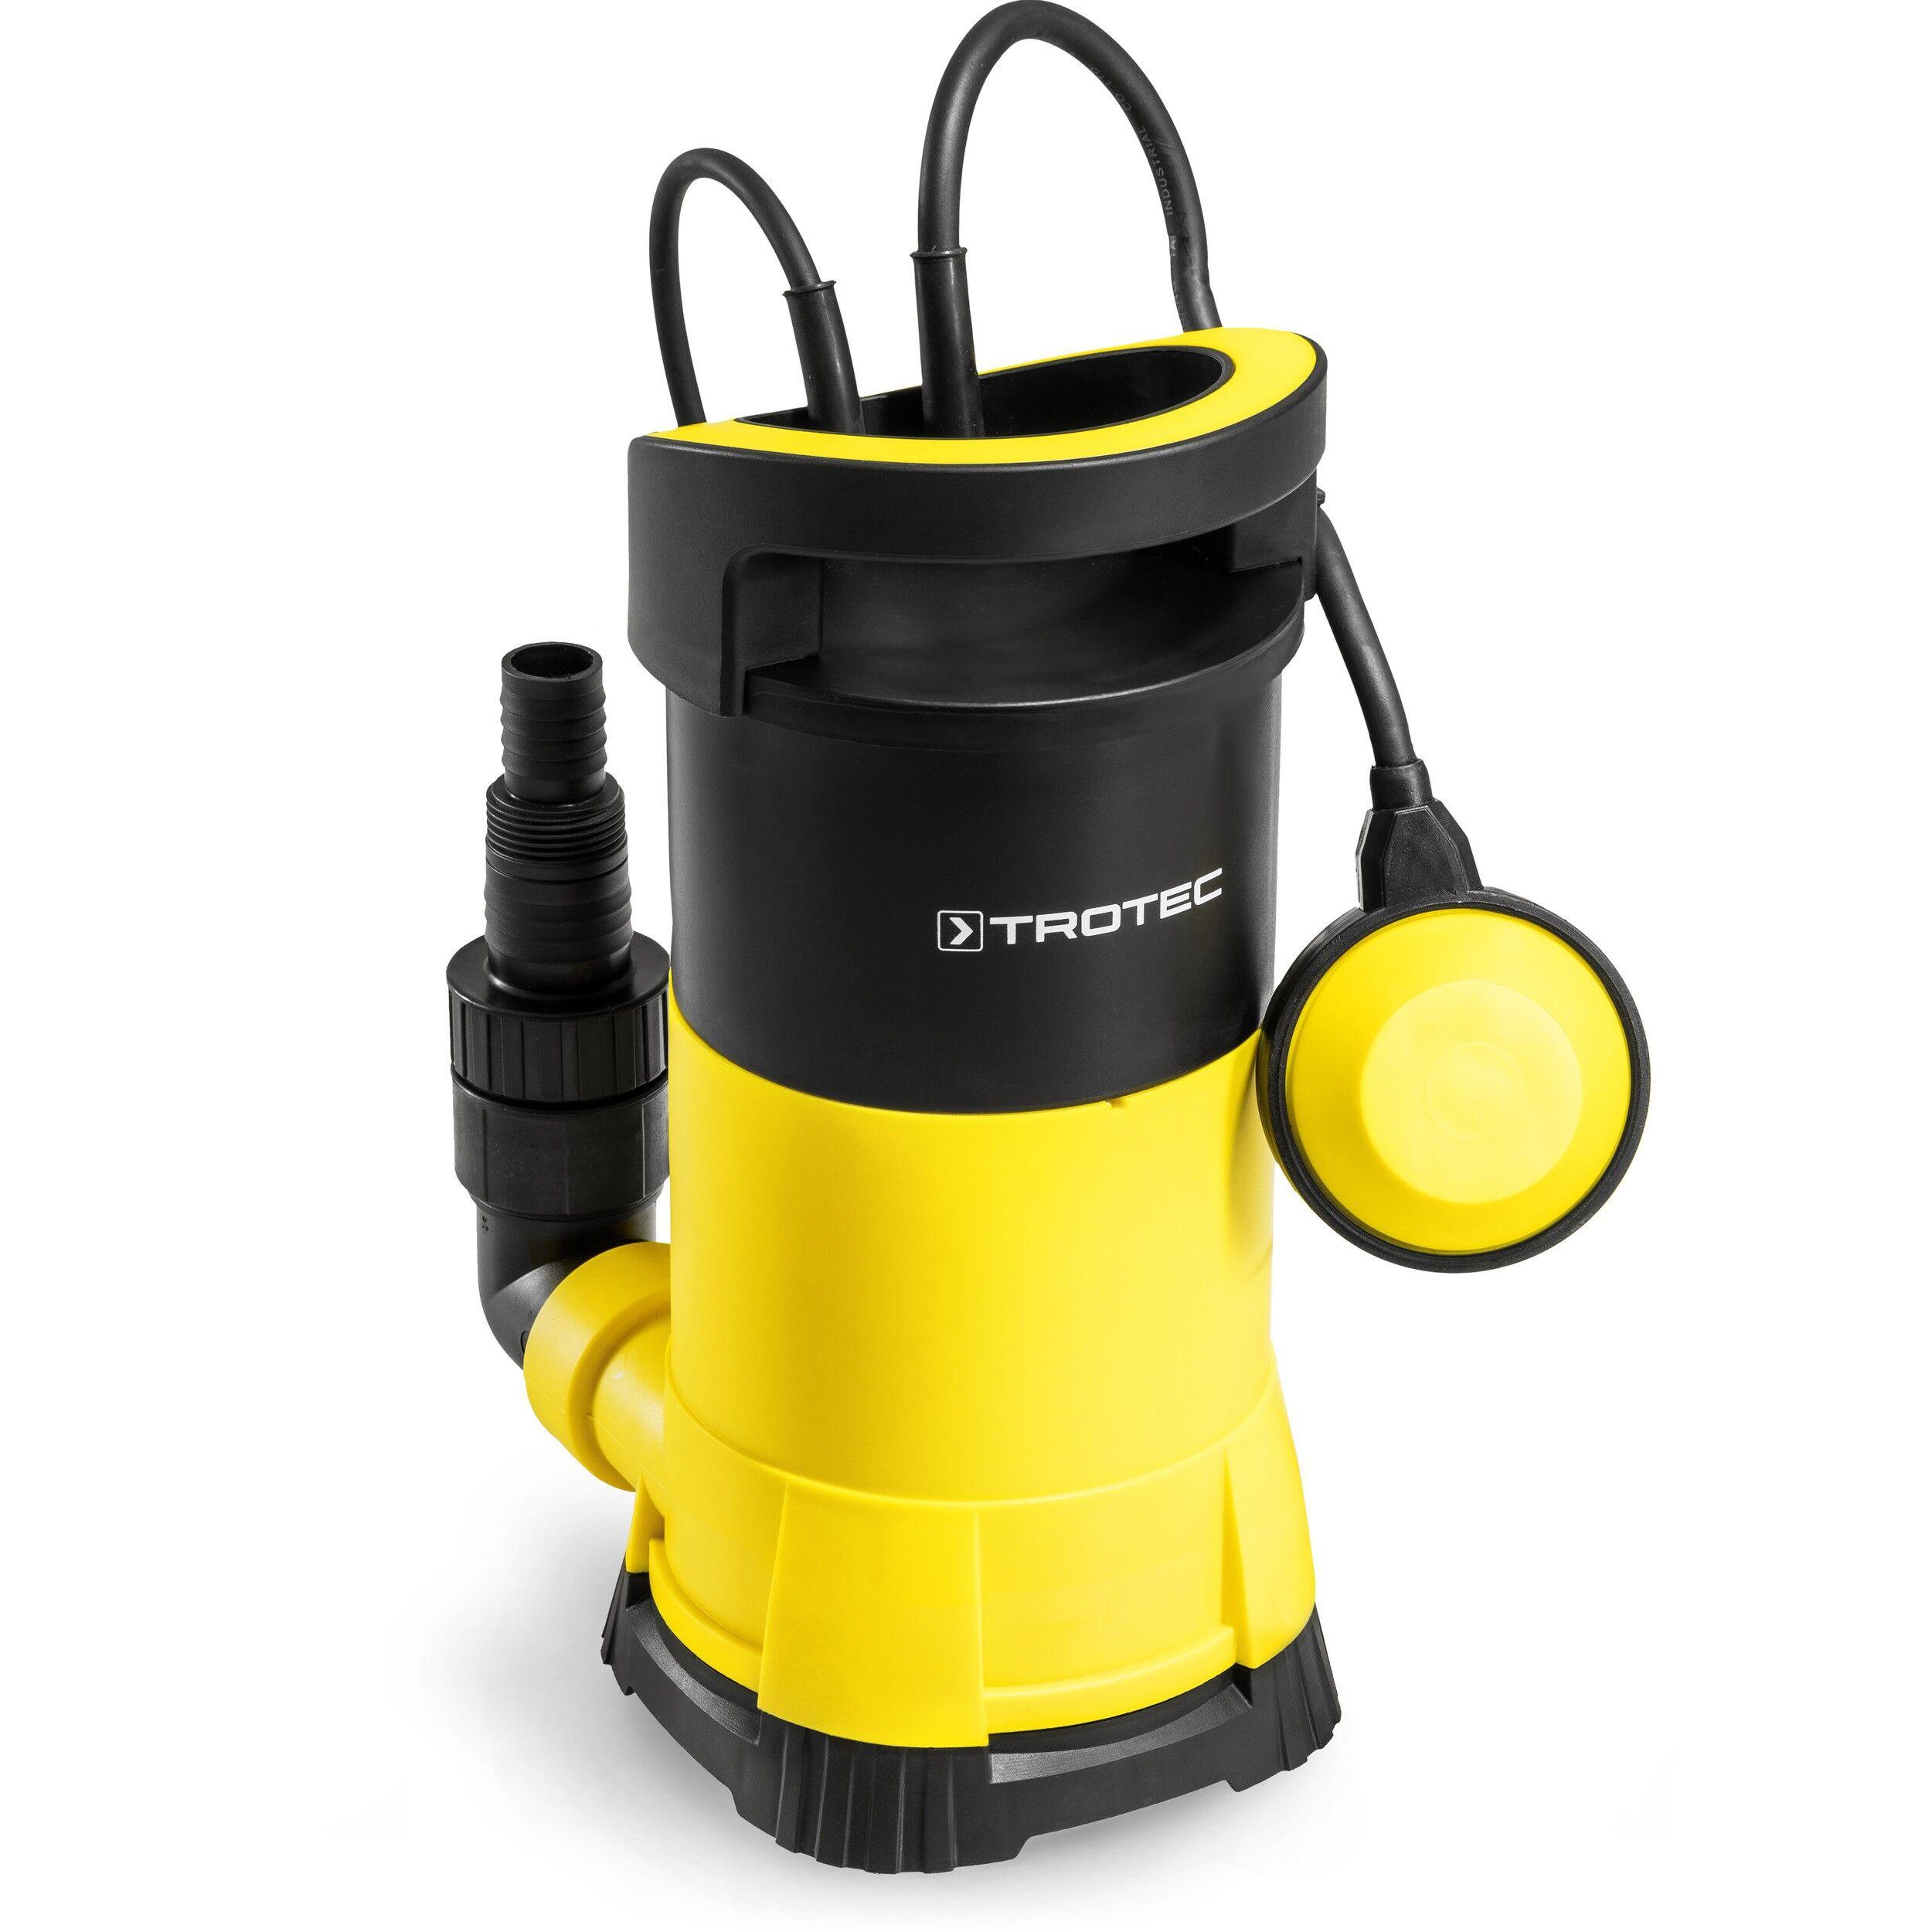 Trotec Pompa sommersa per acque chiare TWP 9005 E